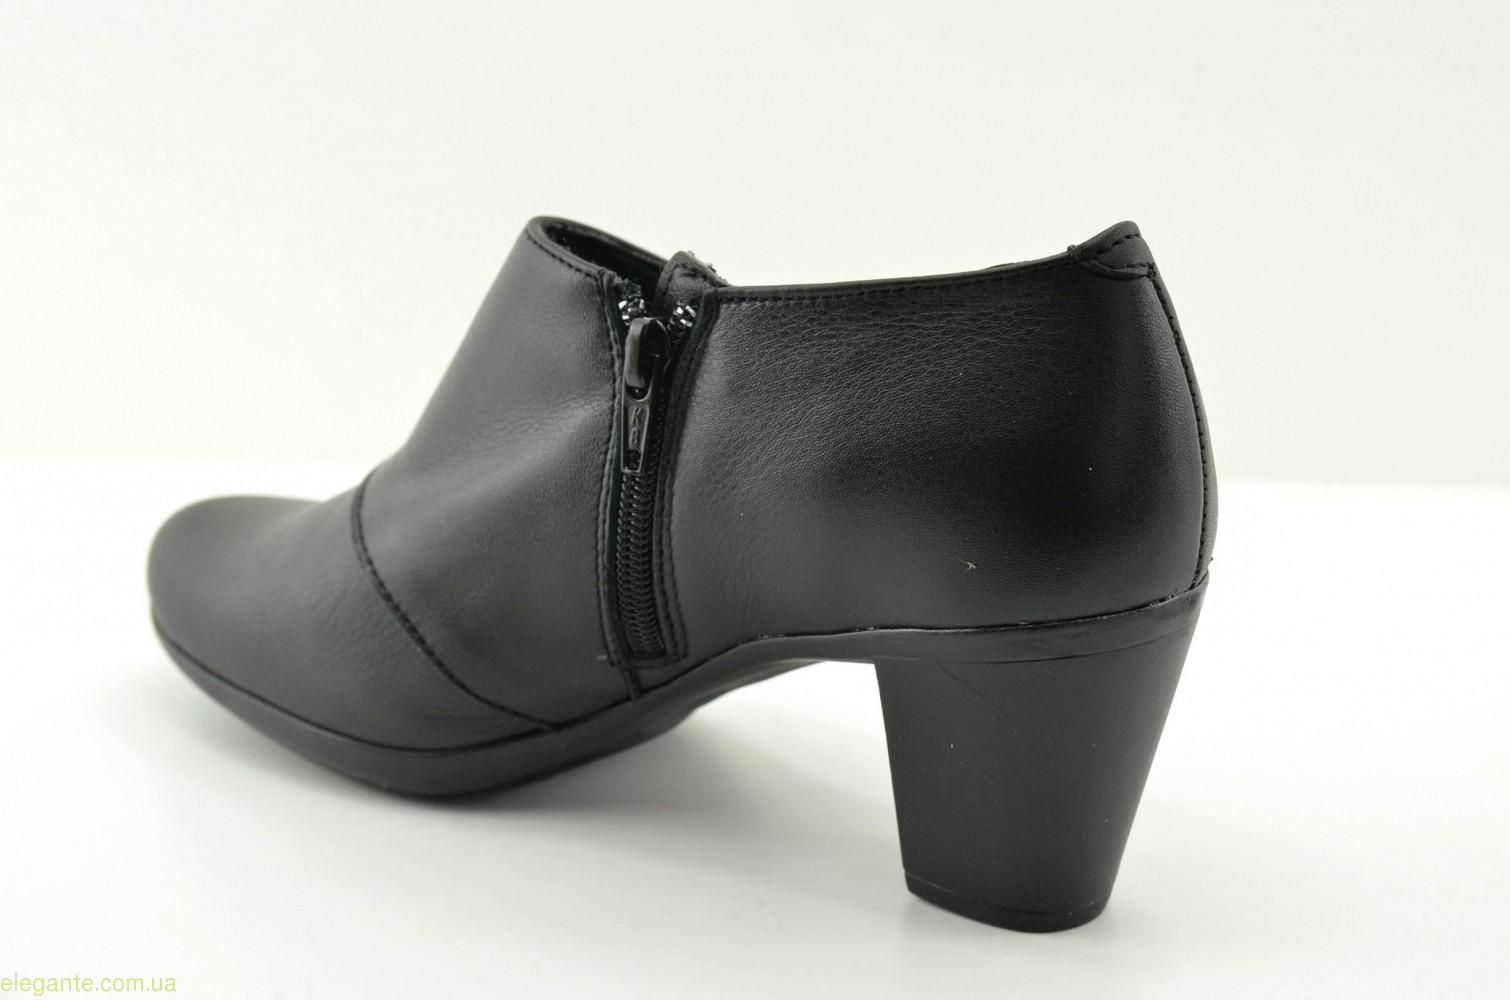 Жіночі черевики DIGO DIGO3 чорні 0